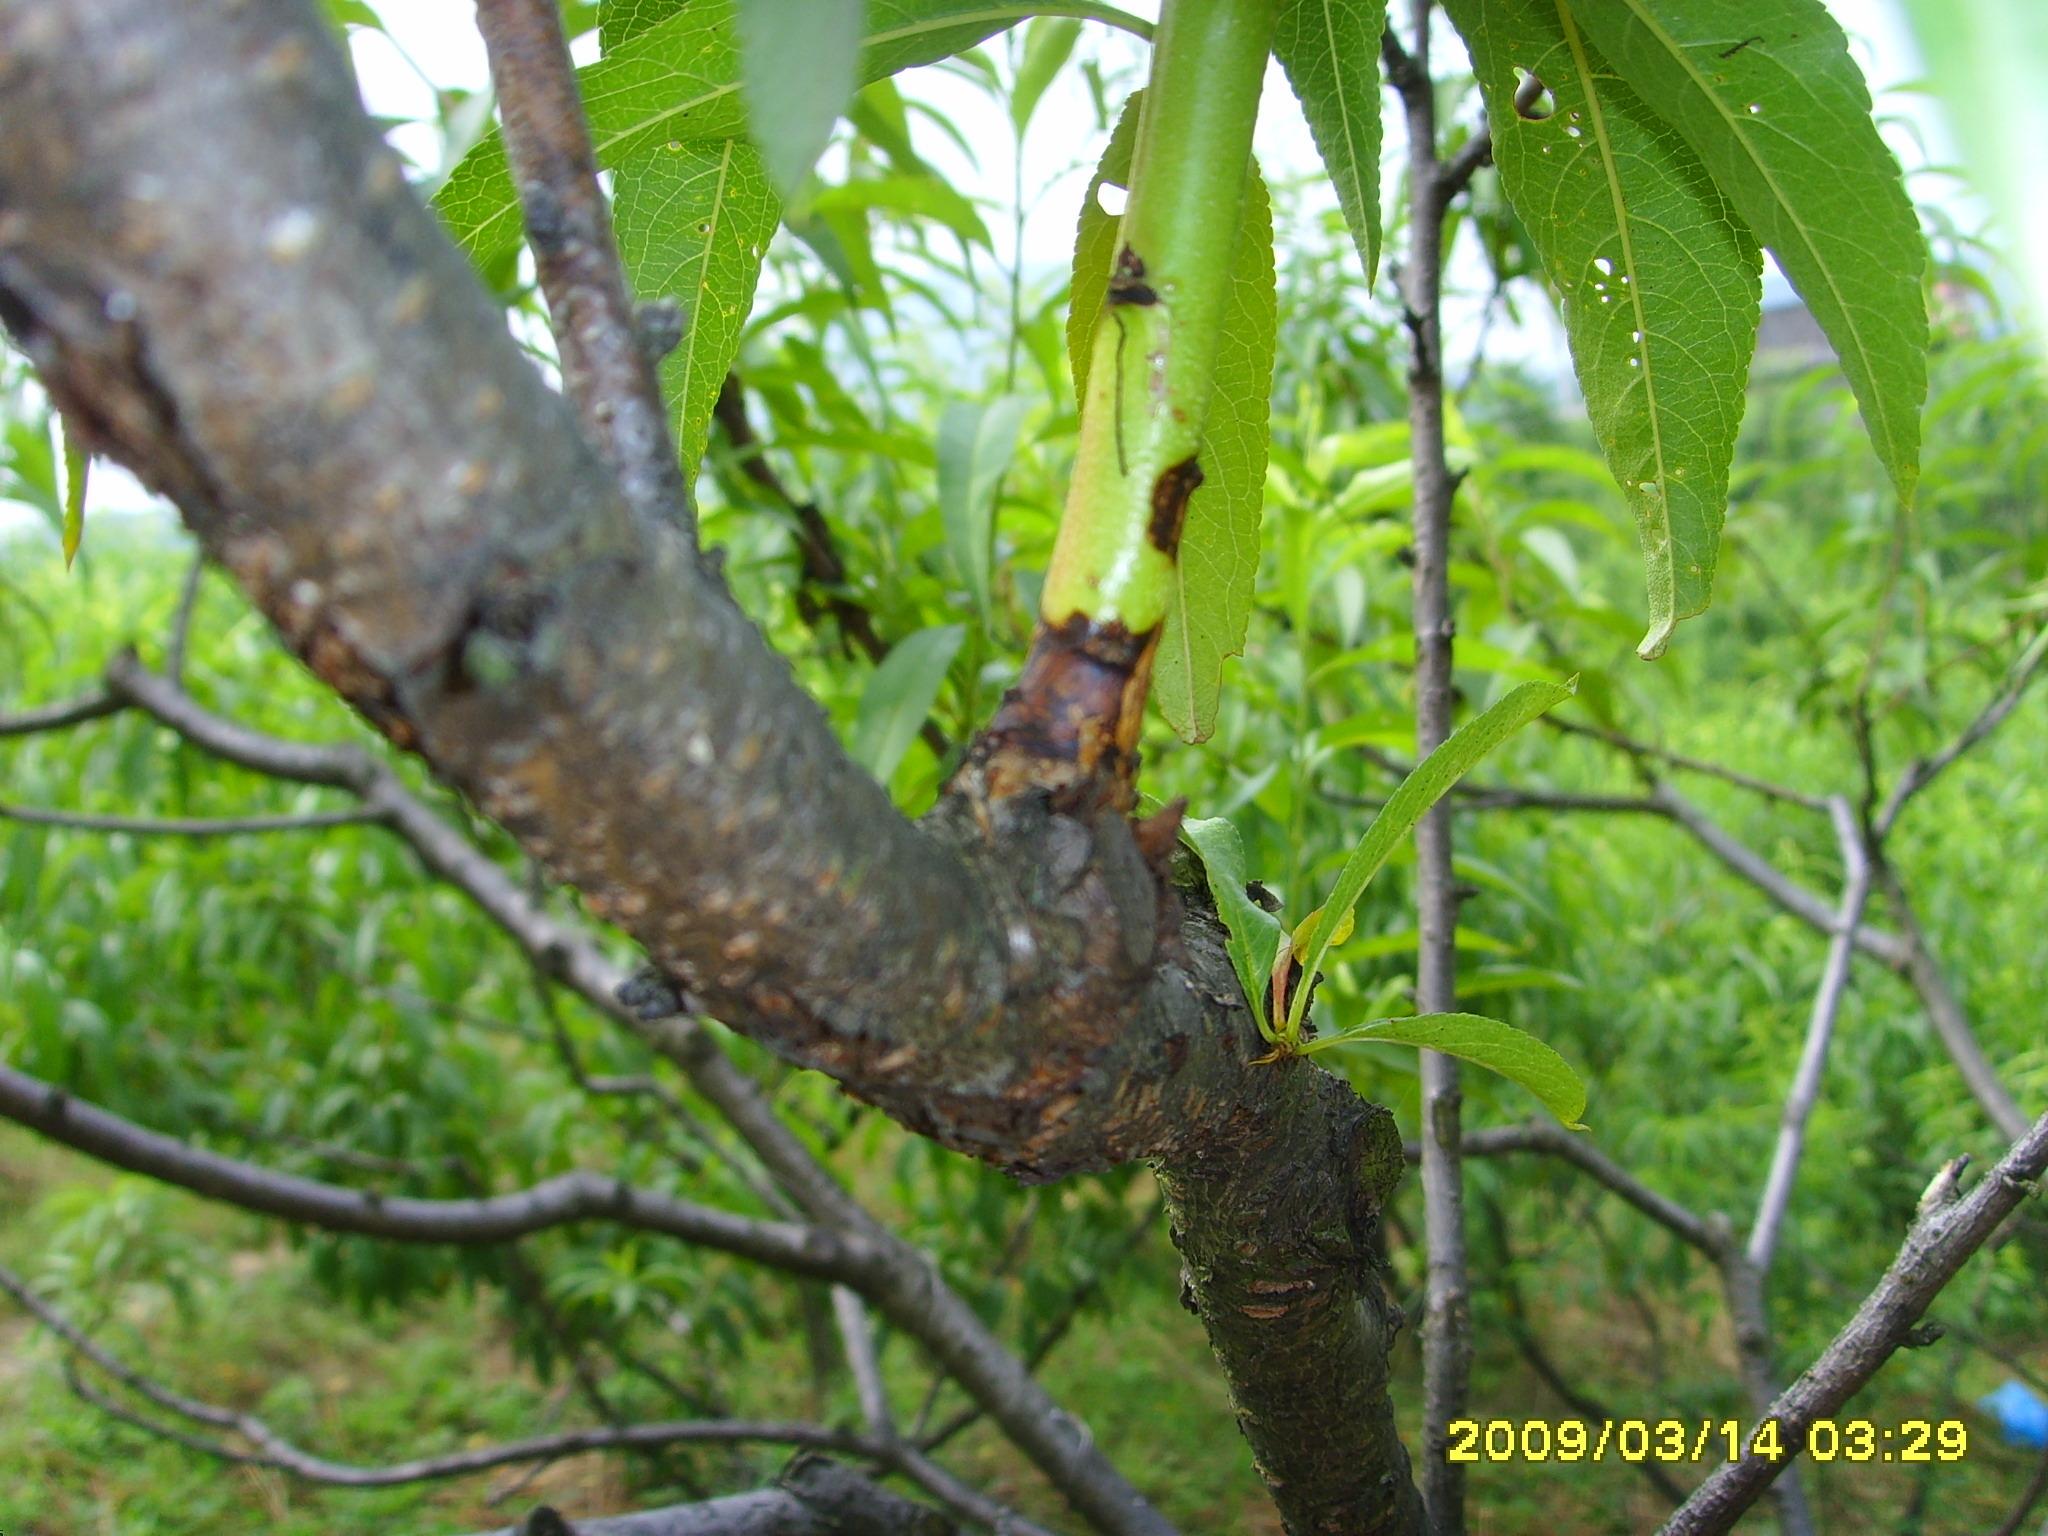 褐腐病主要为害桃树的花,叶,枝干和果实,以果实最重.